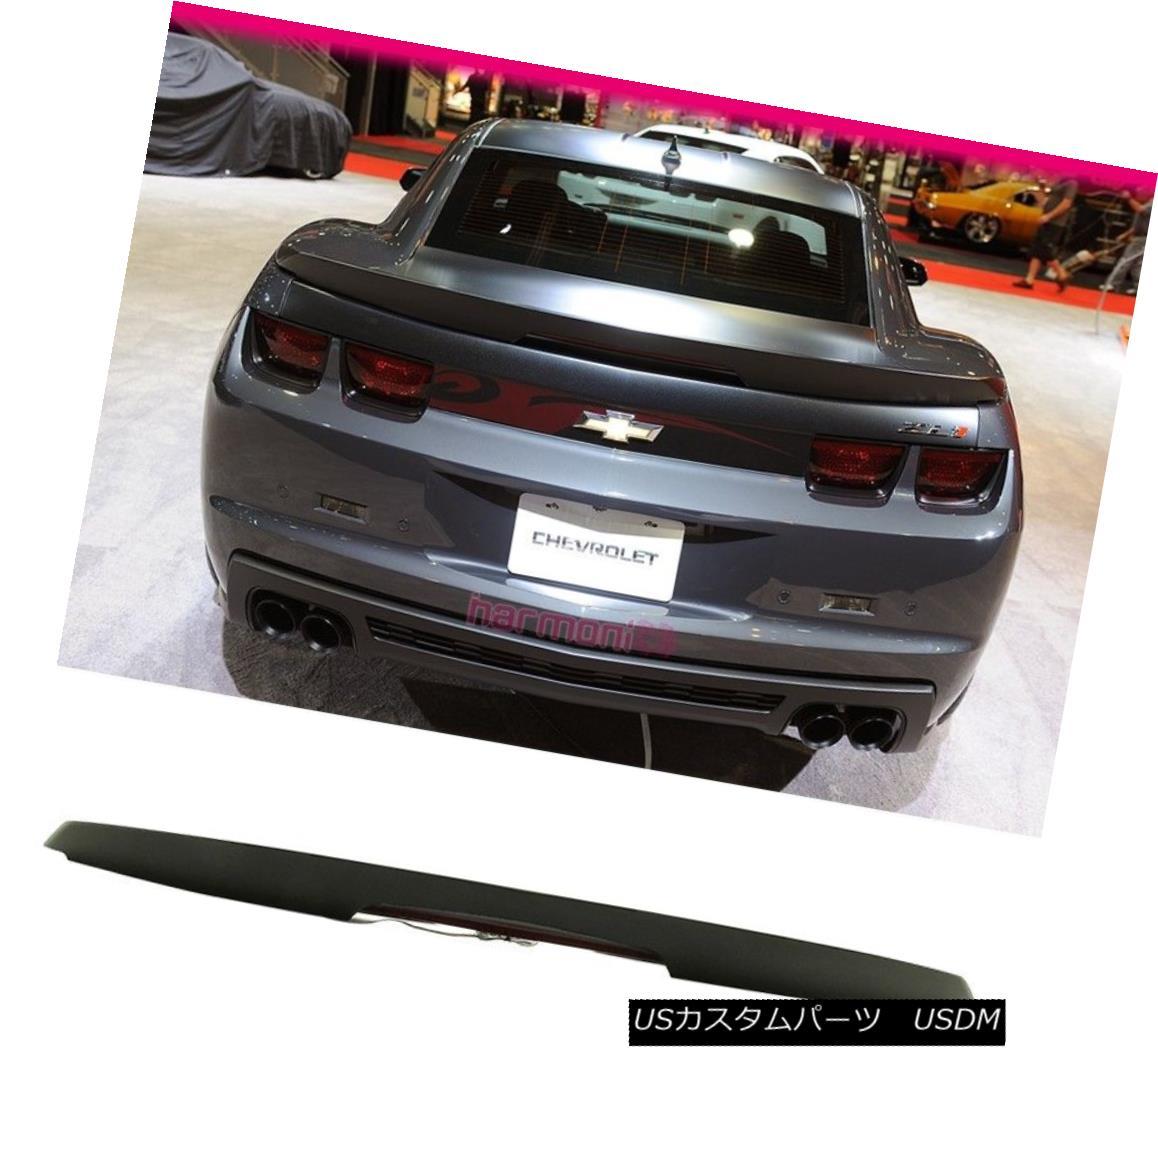 エアロパーツ Fits 10-13 Chevrolet Camaro Trunk Spoiler Wing Painted Matte Black ABS ZL1 フィット10-13シボレーカマロトランクスポイラーウイング塗装マットブラックABS ZL1